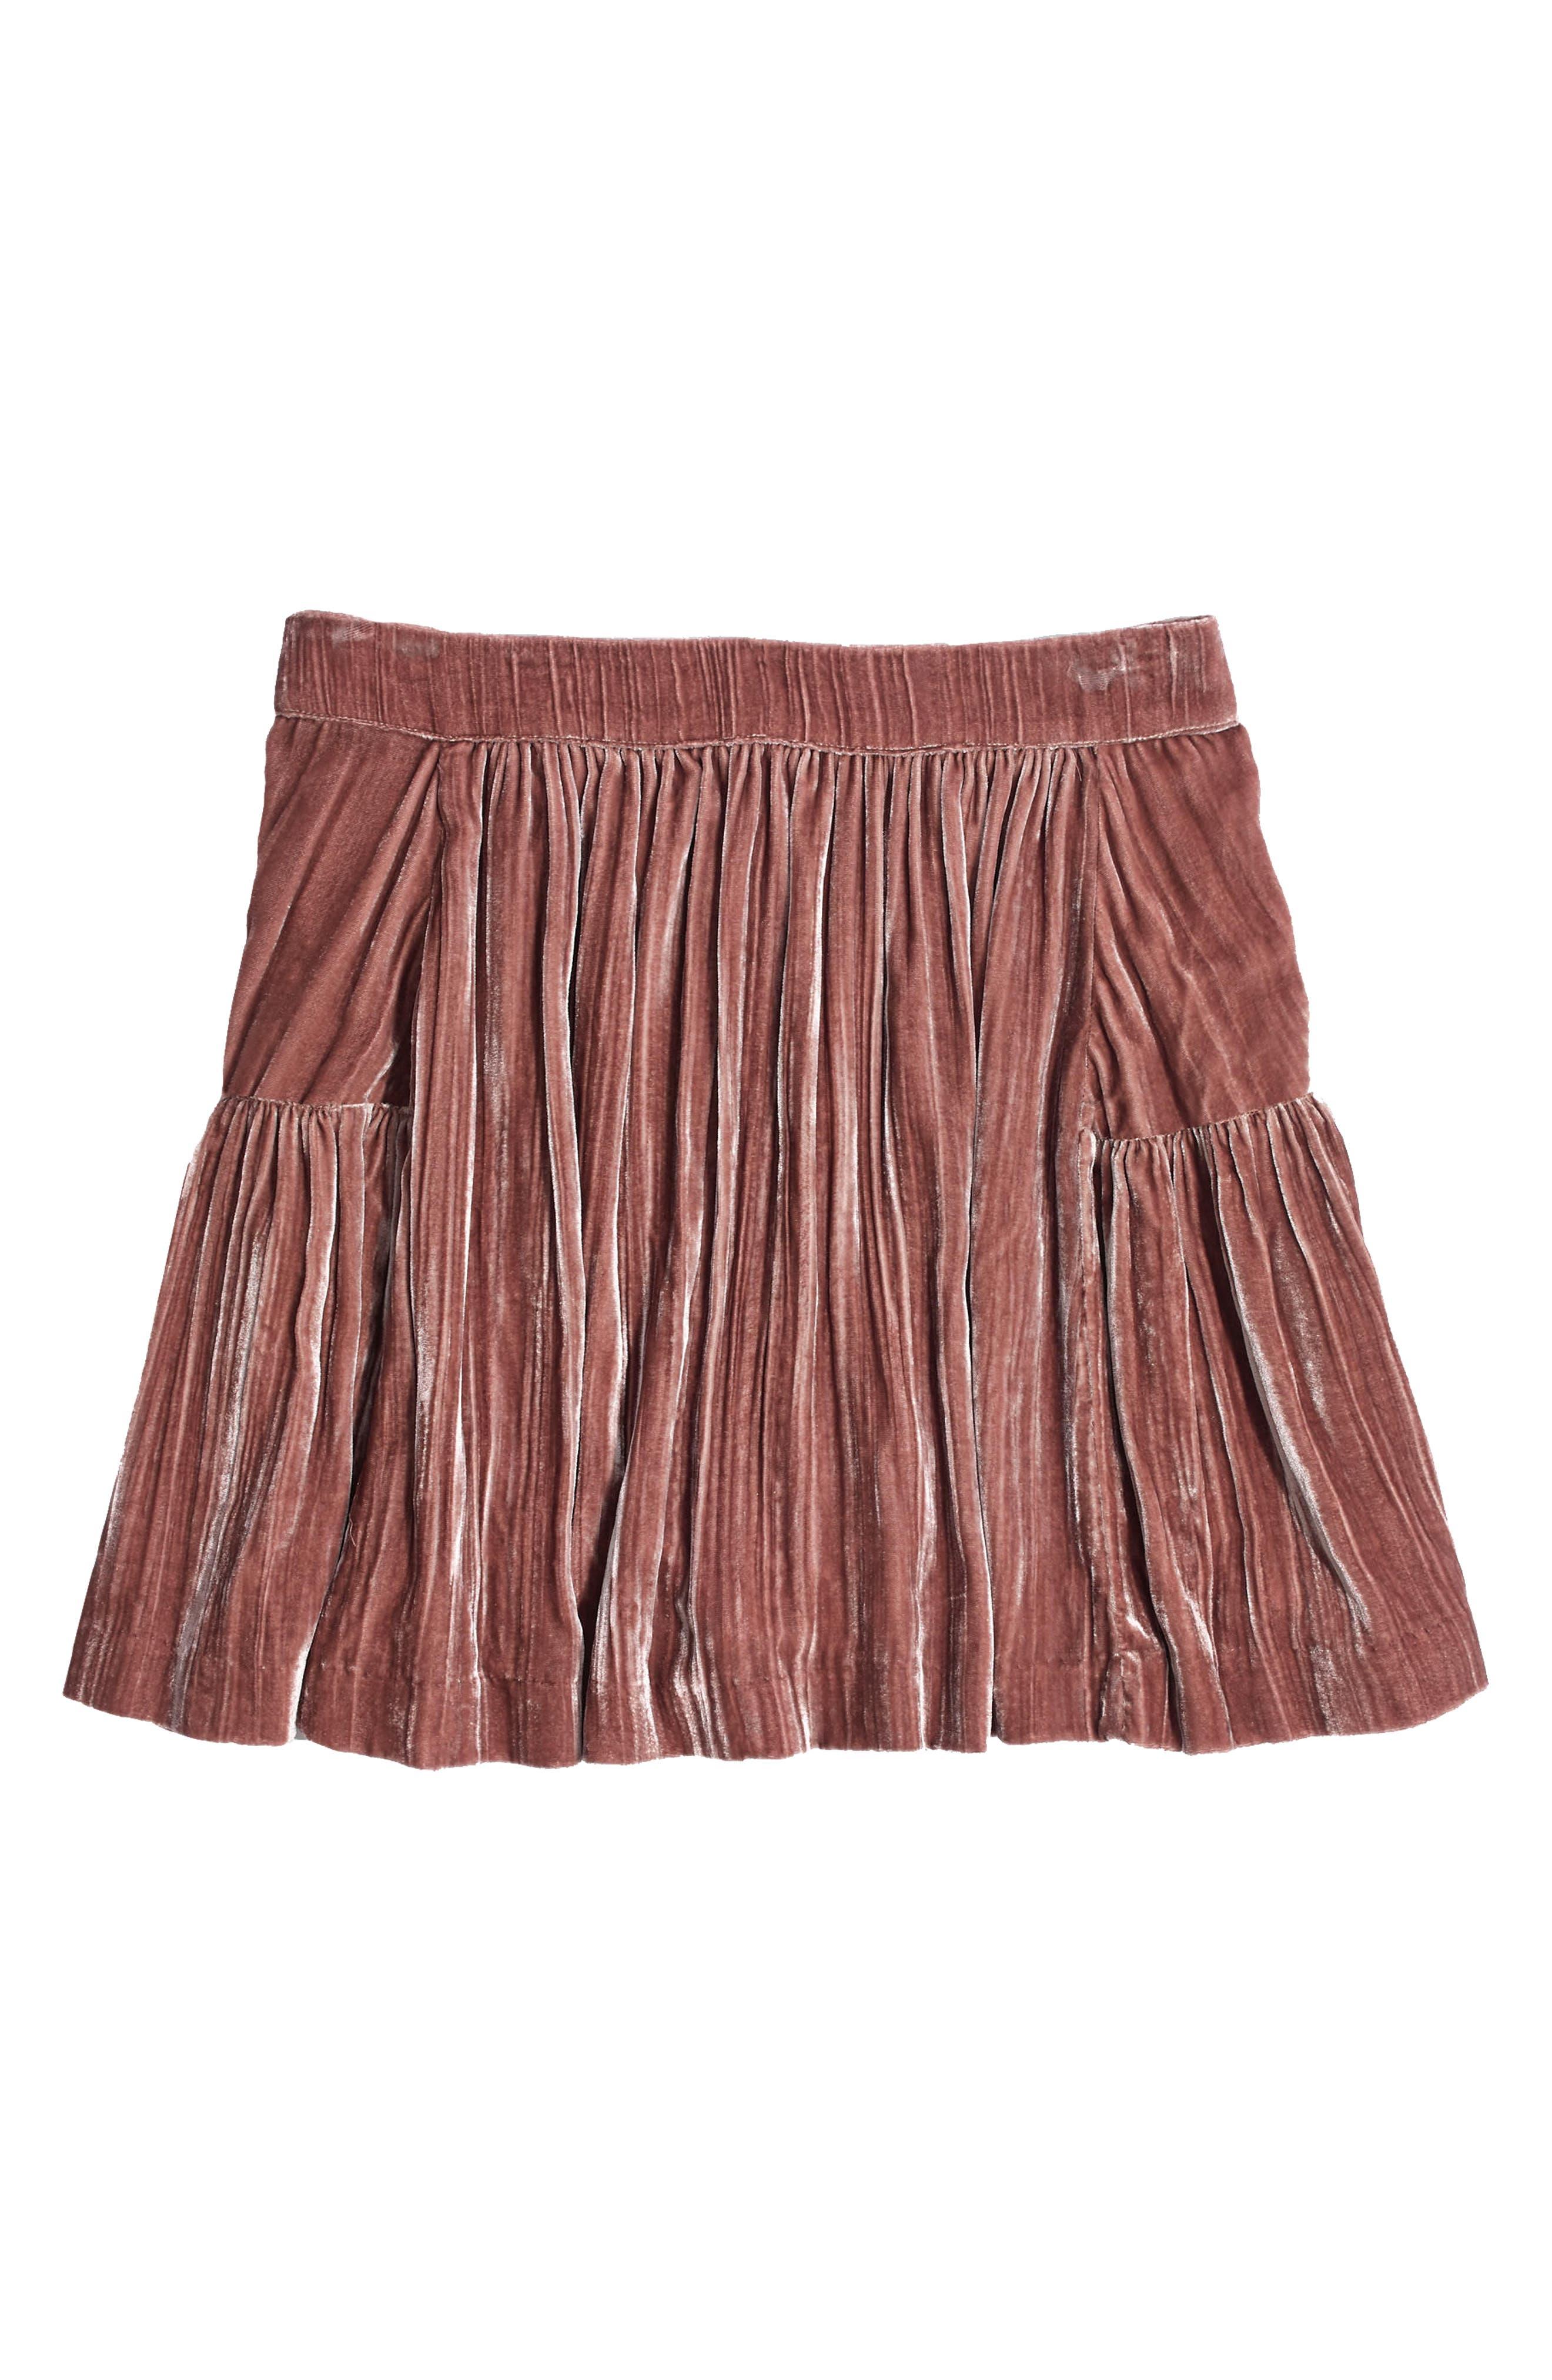 Crushed Velvet Miniskirt,                             Alternate thumbnail 4, color,                             650